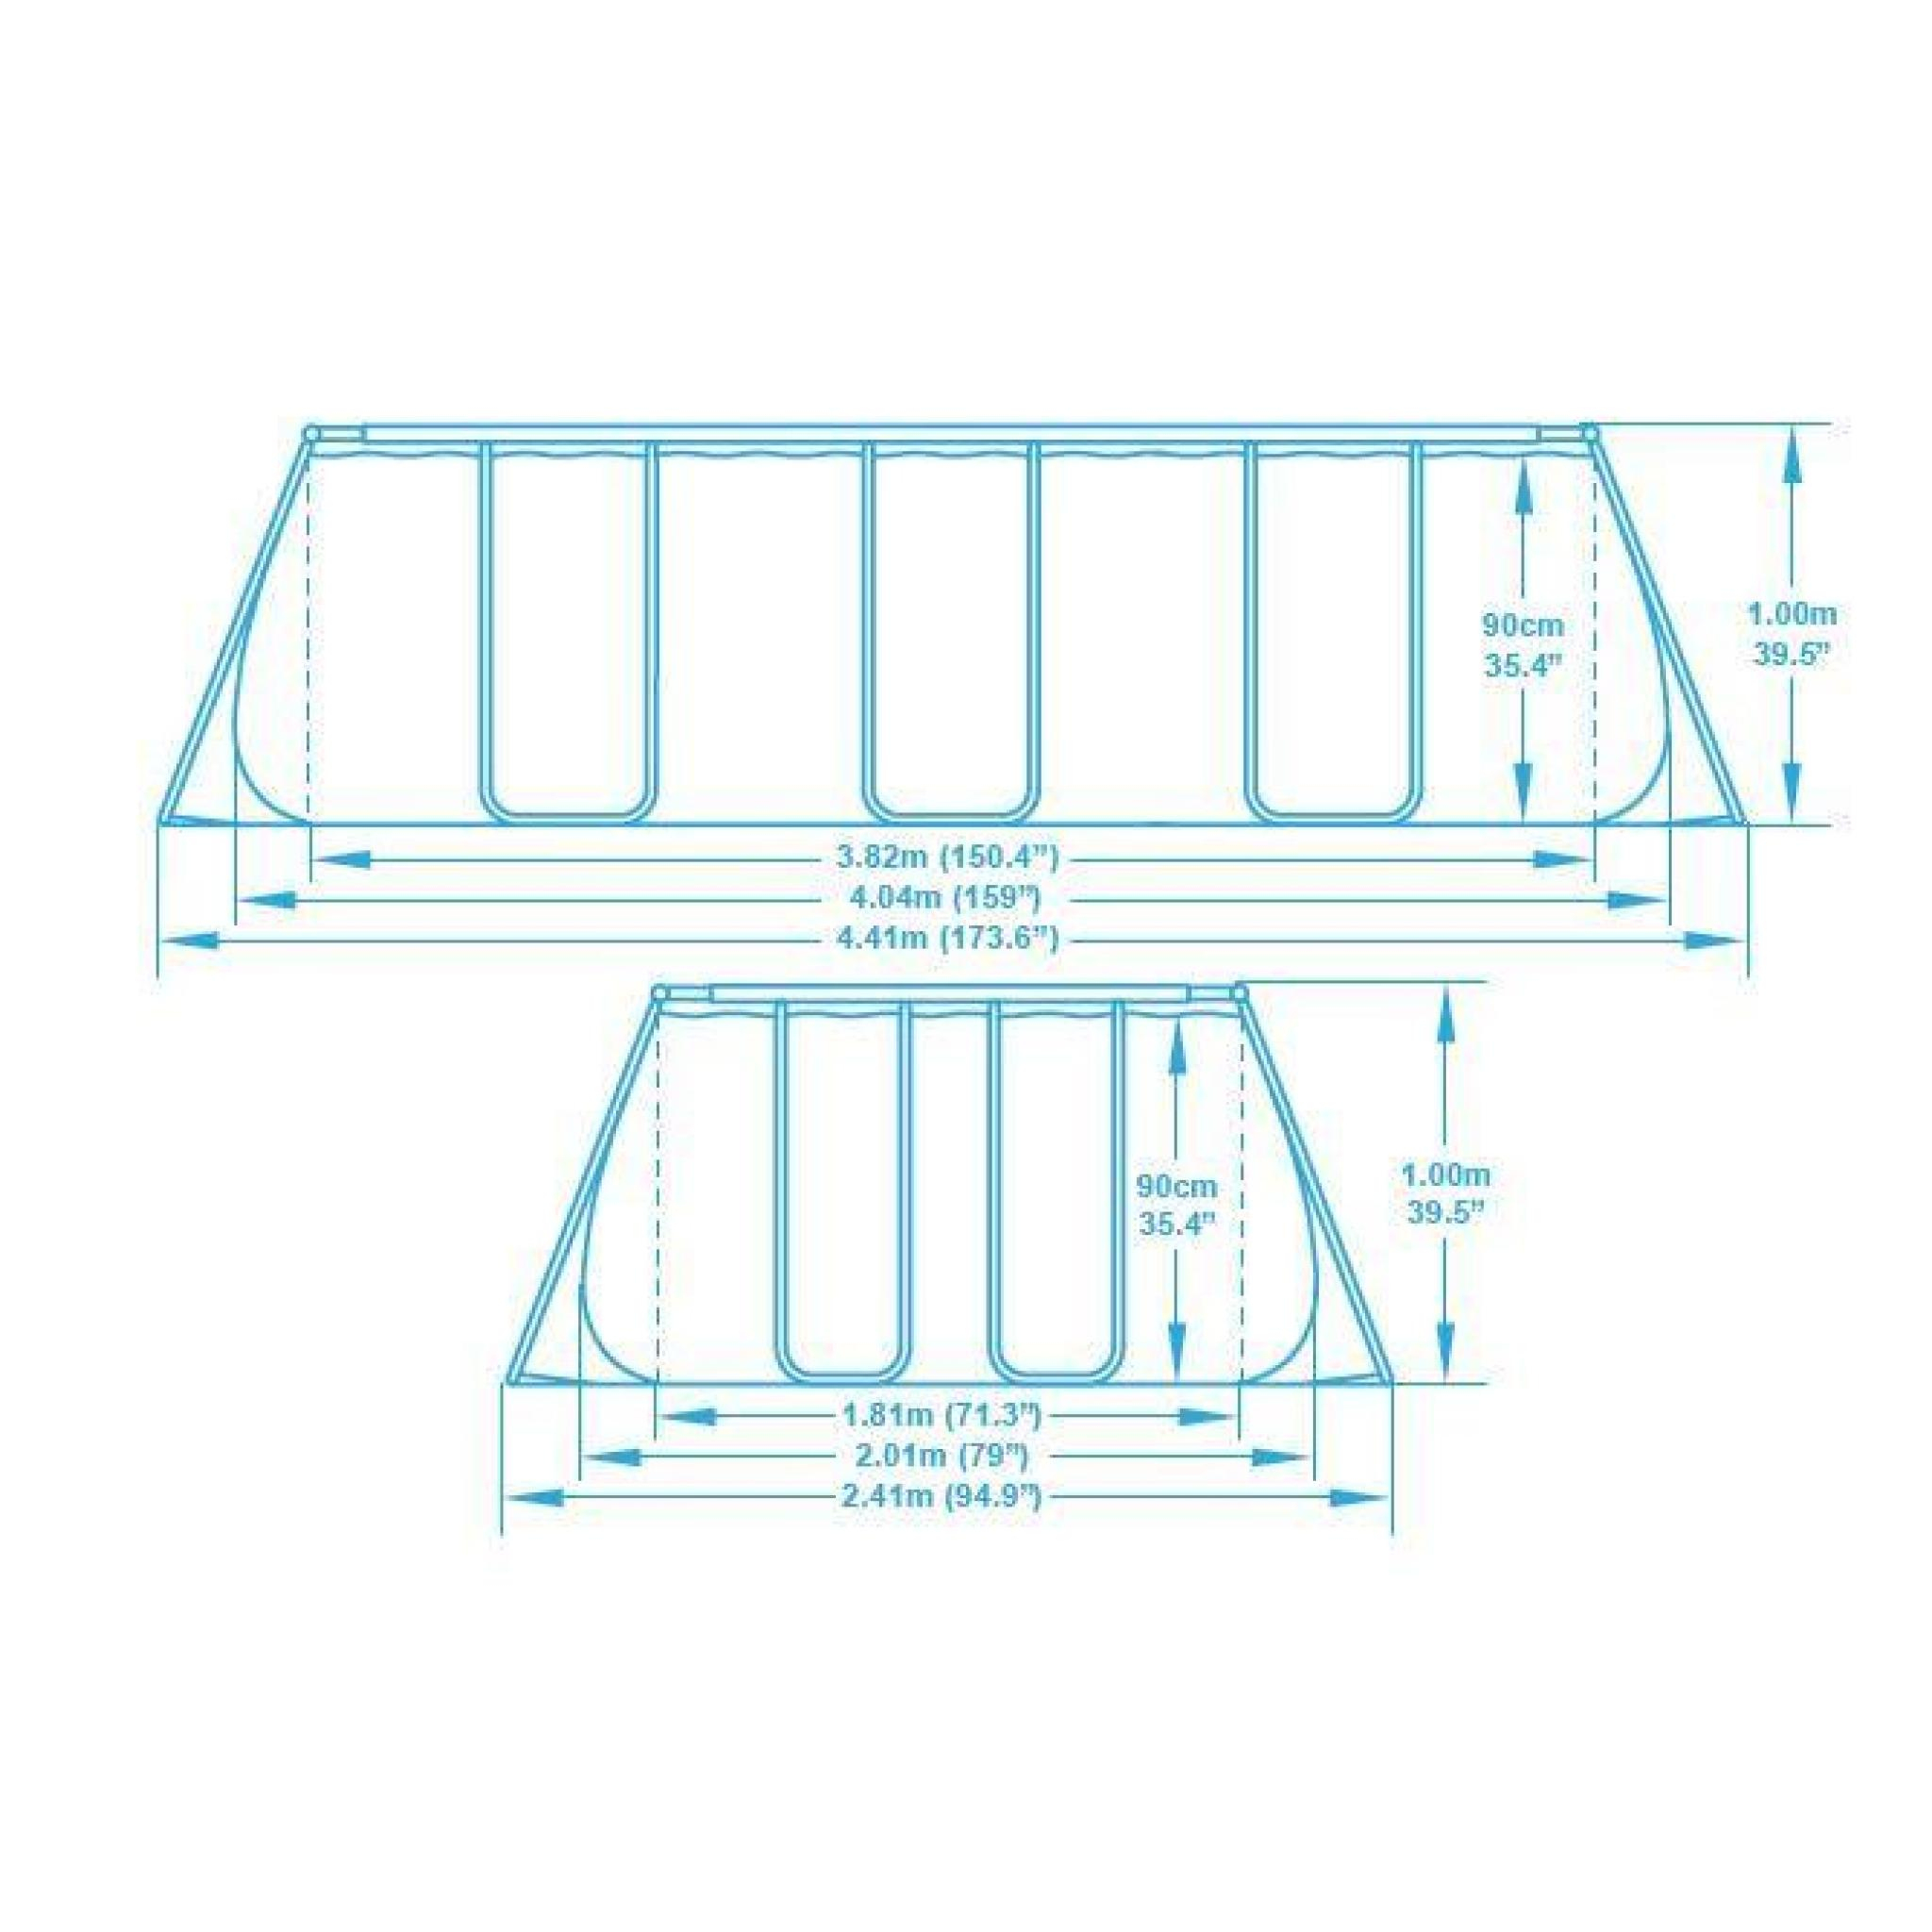 Piscine Tubulaire Rectangulaire Bestway 4.04X2.01X1.00 Filtre À Sable destiné Piscine Tubulaire Rectangulaire Bestway